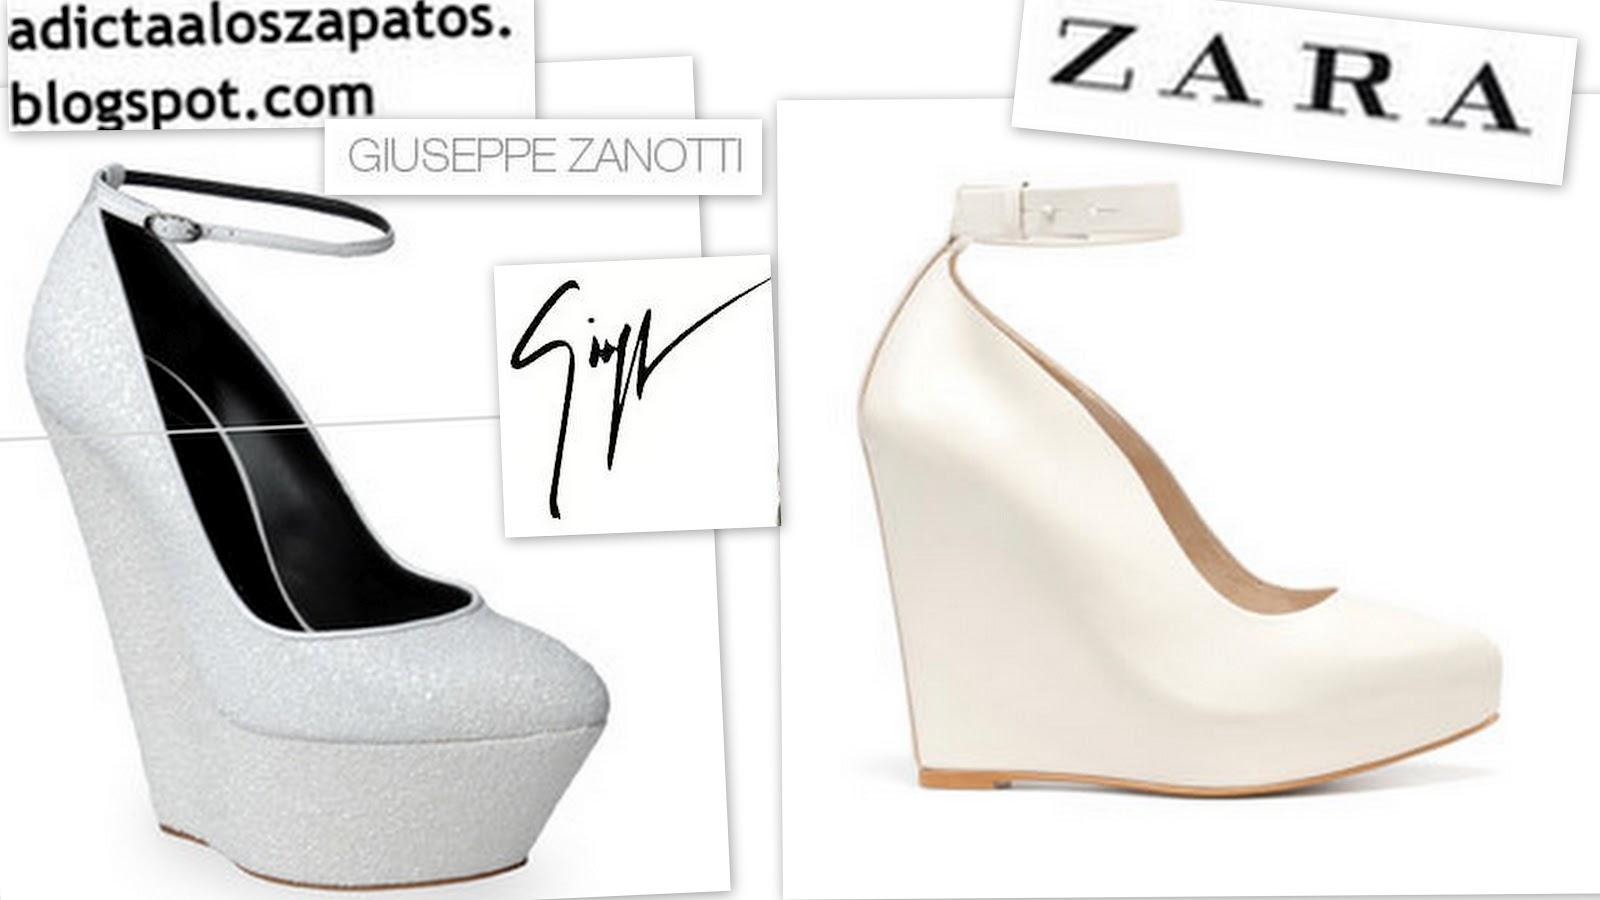 Los Adicta Nueva Ss12 De Zapatos A Zara Zapatos Colección HHw5Z7rqF